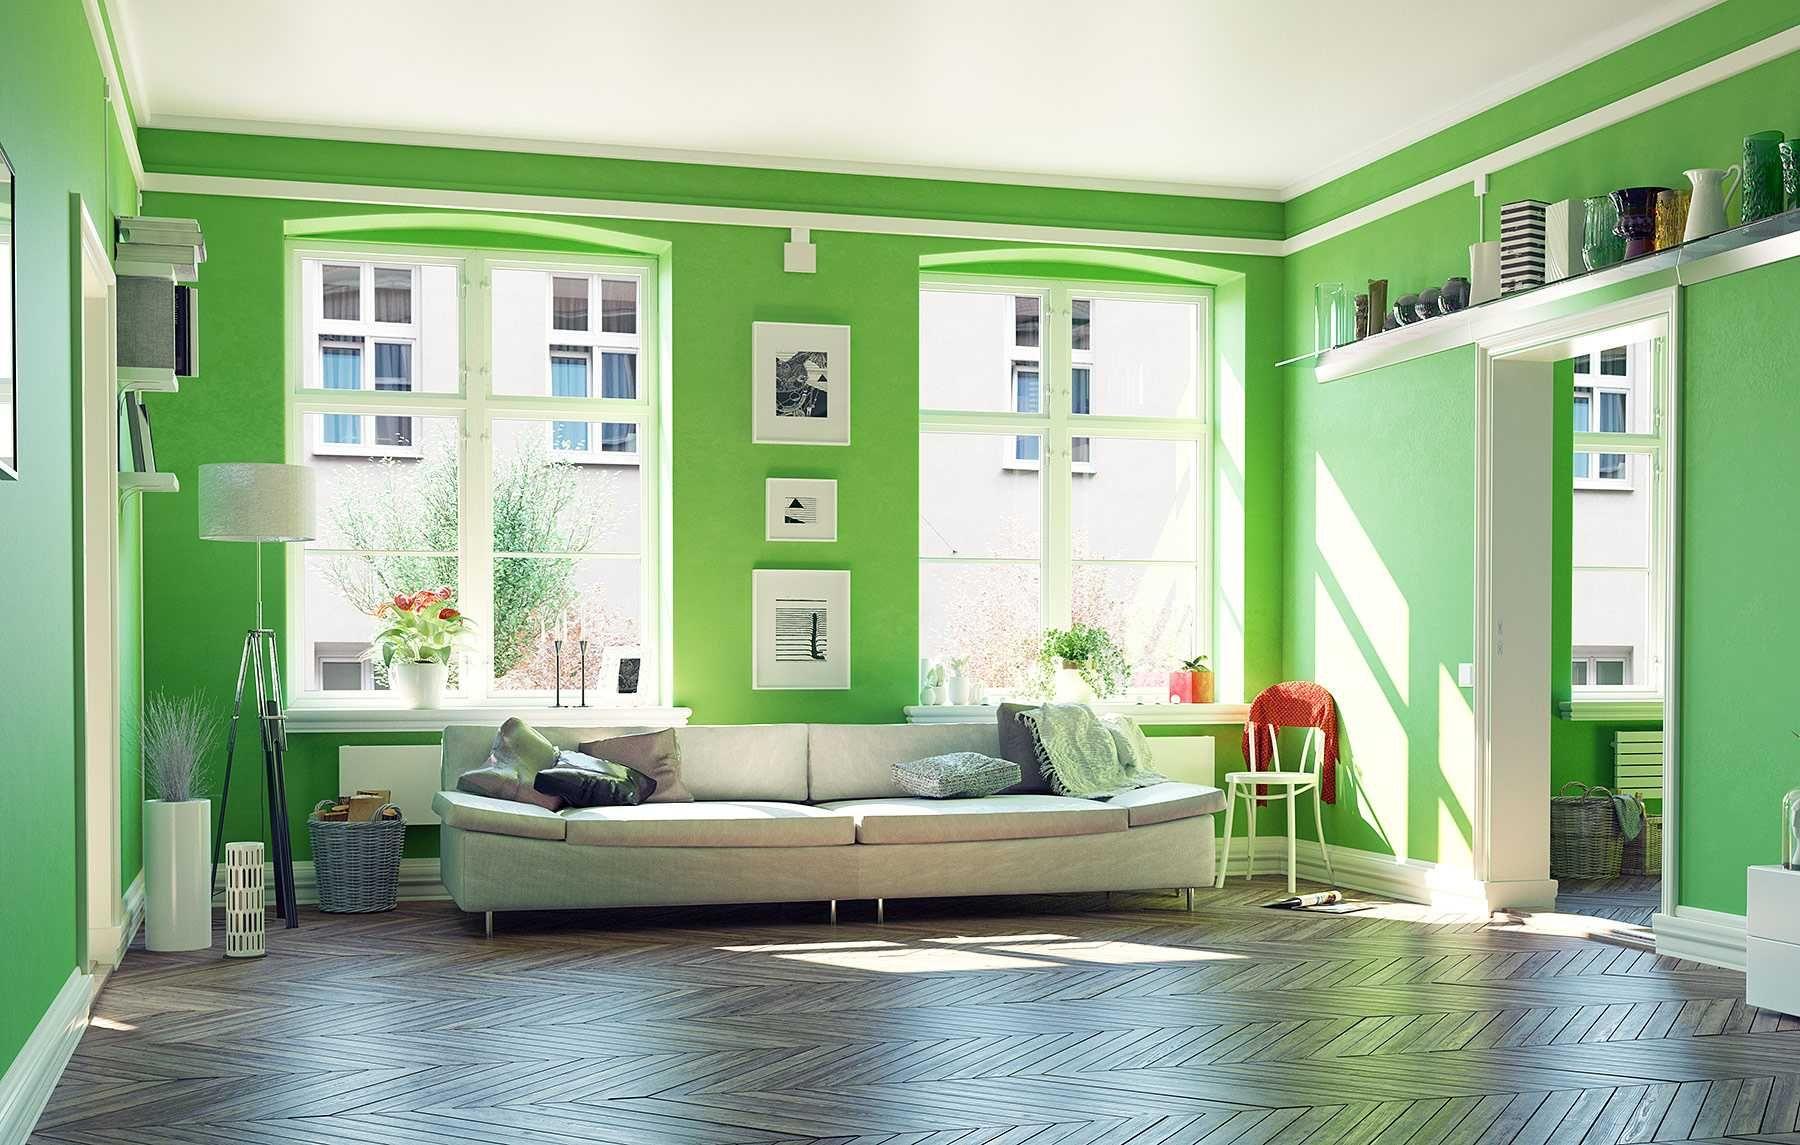 Resultados De La Busqueda De Imagenes Casas Modelos En Pintura Exterior Saferbrowser Yahoo Search Home Home Decor Decor